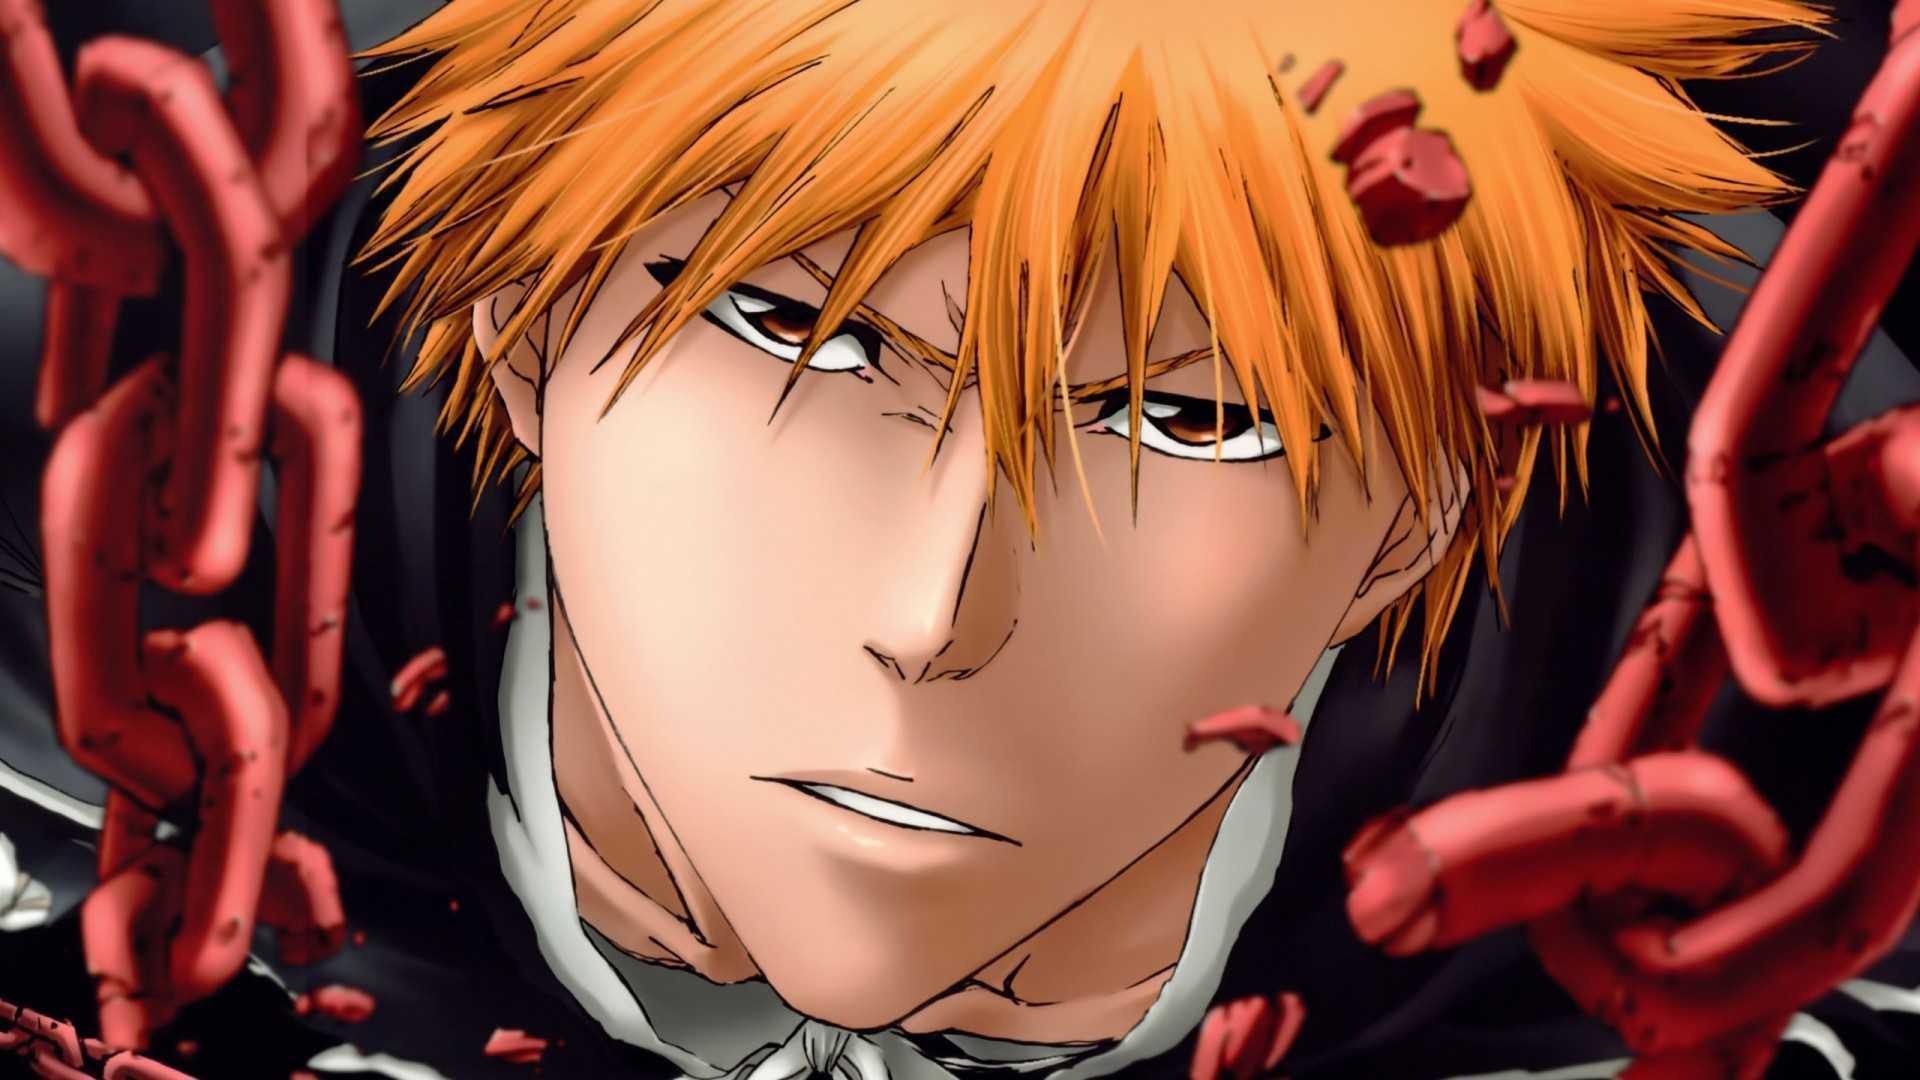 Zangetsu Bleach Wallpaper Zerochan Image Board Anime